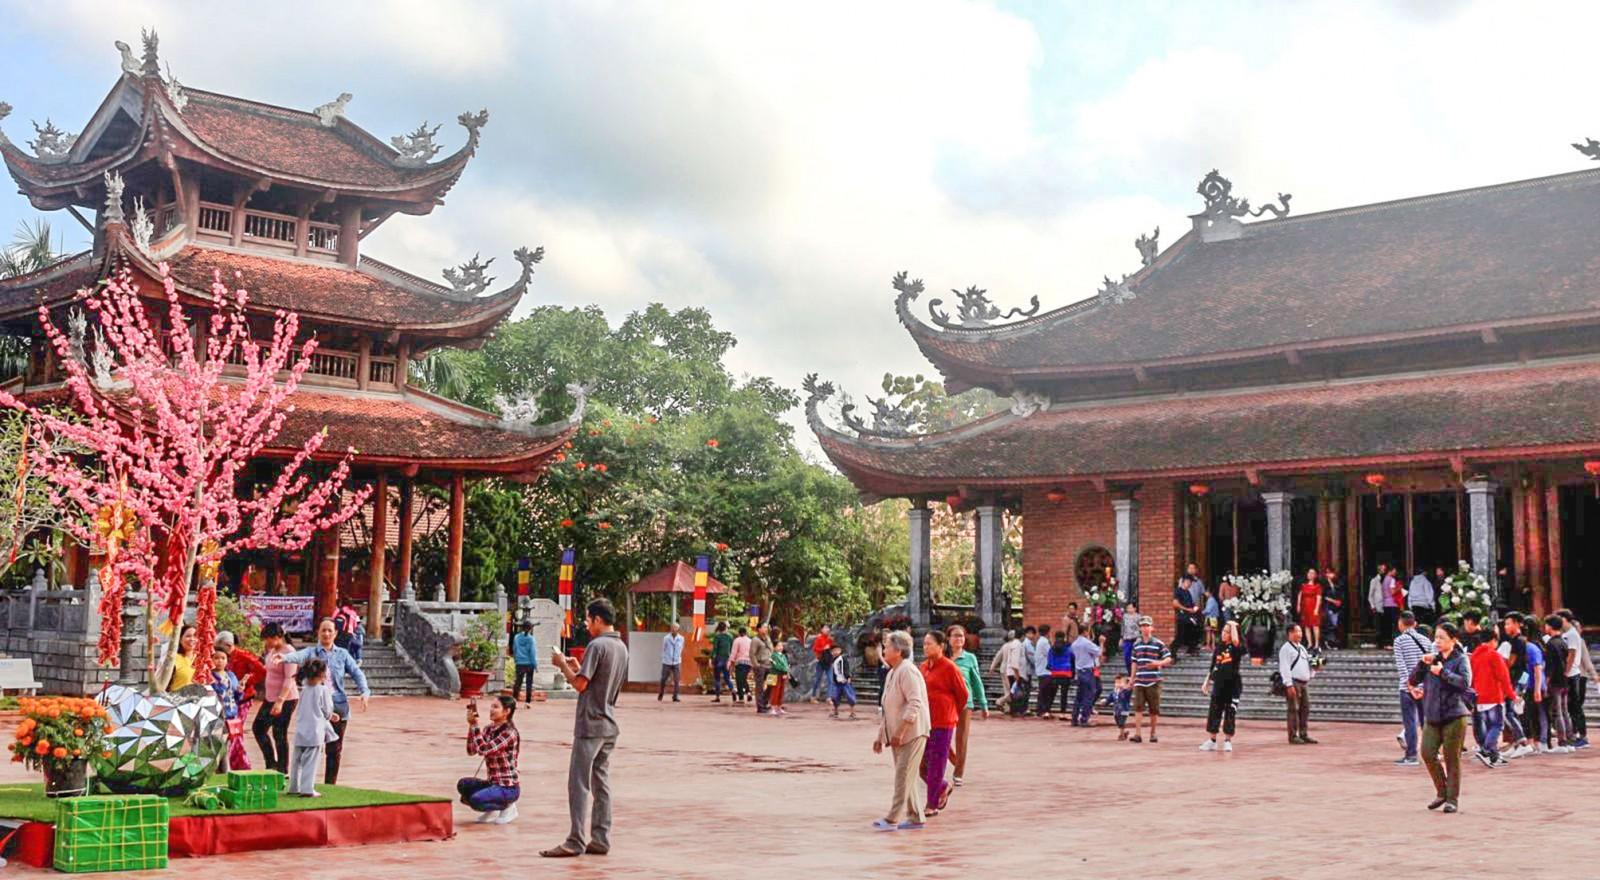 Nhiều du khách đến viếng và chụp ảnh tại Thiền viện Trúc lâm Phương Nam. Ảnh: ÁI LAM